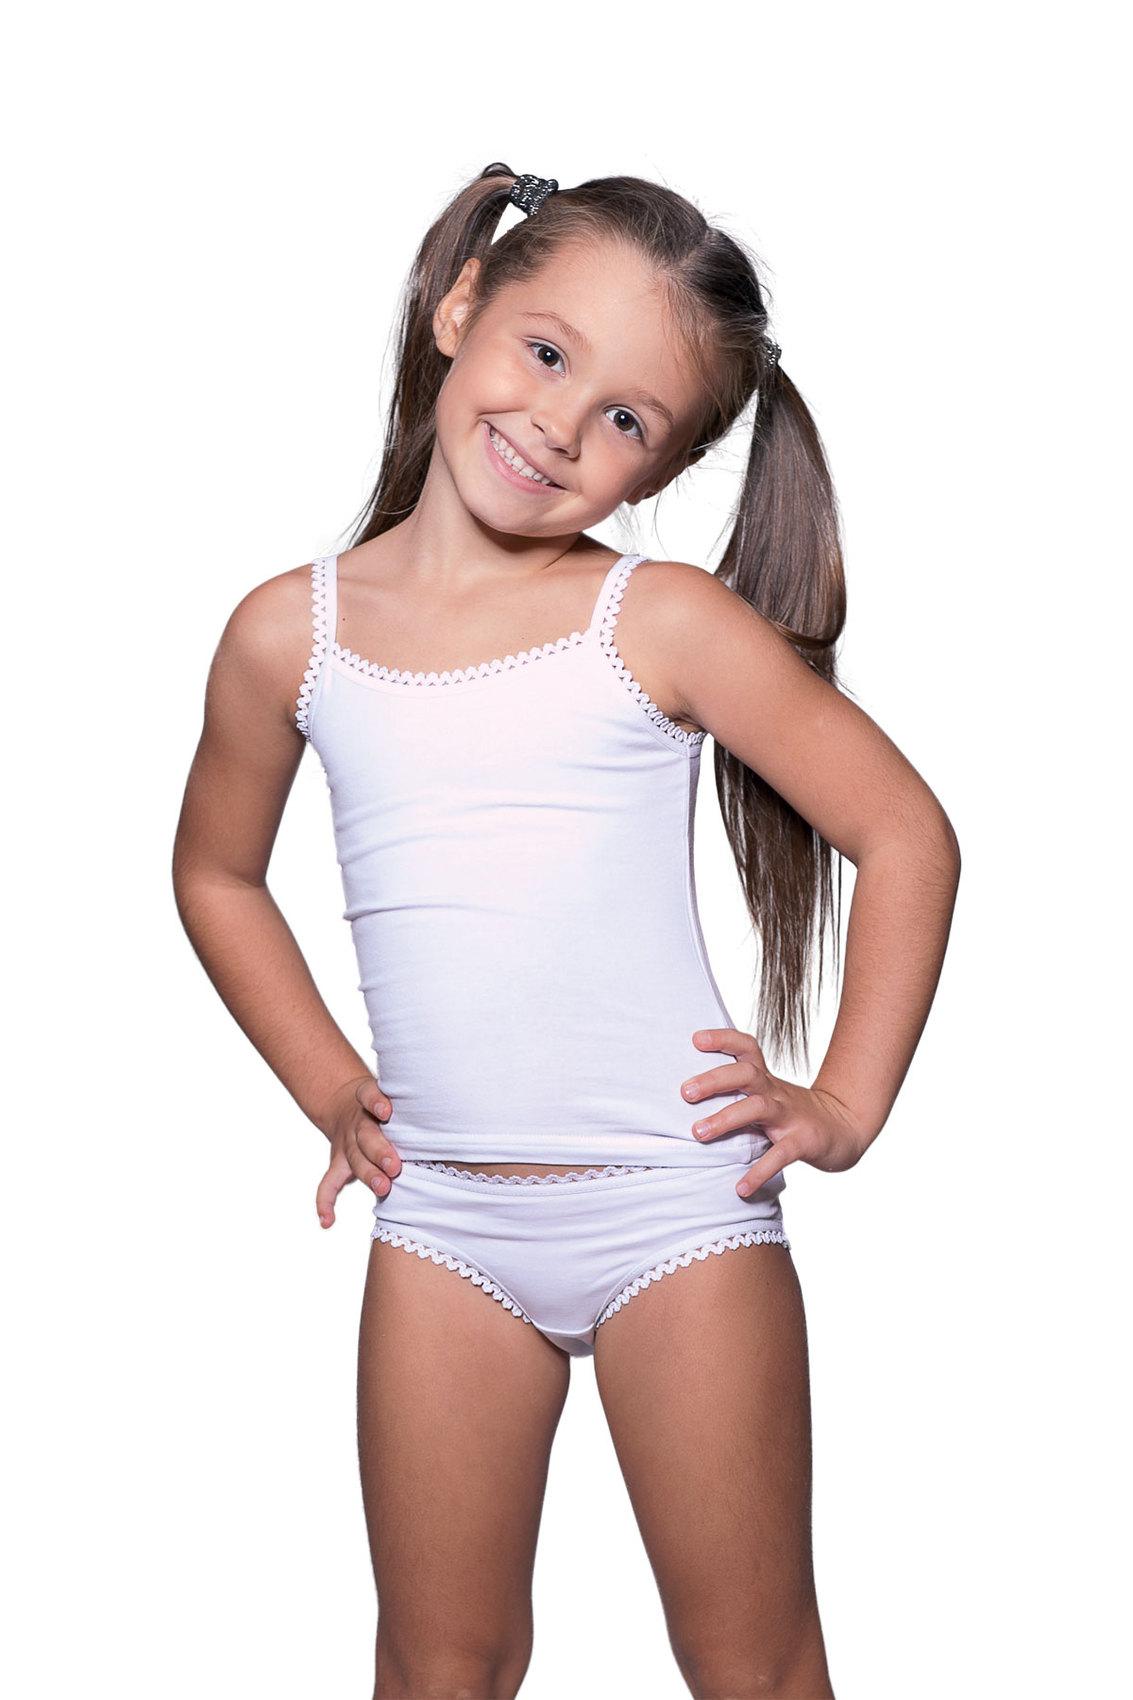 Фото девочки нижнее белье фото 574-453